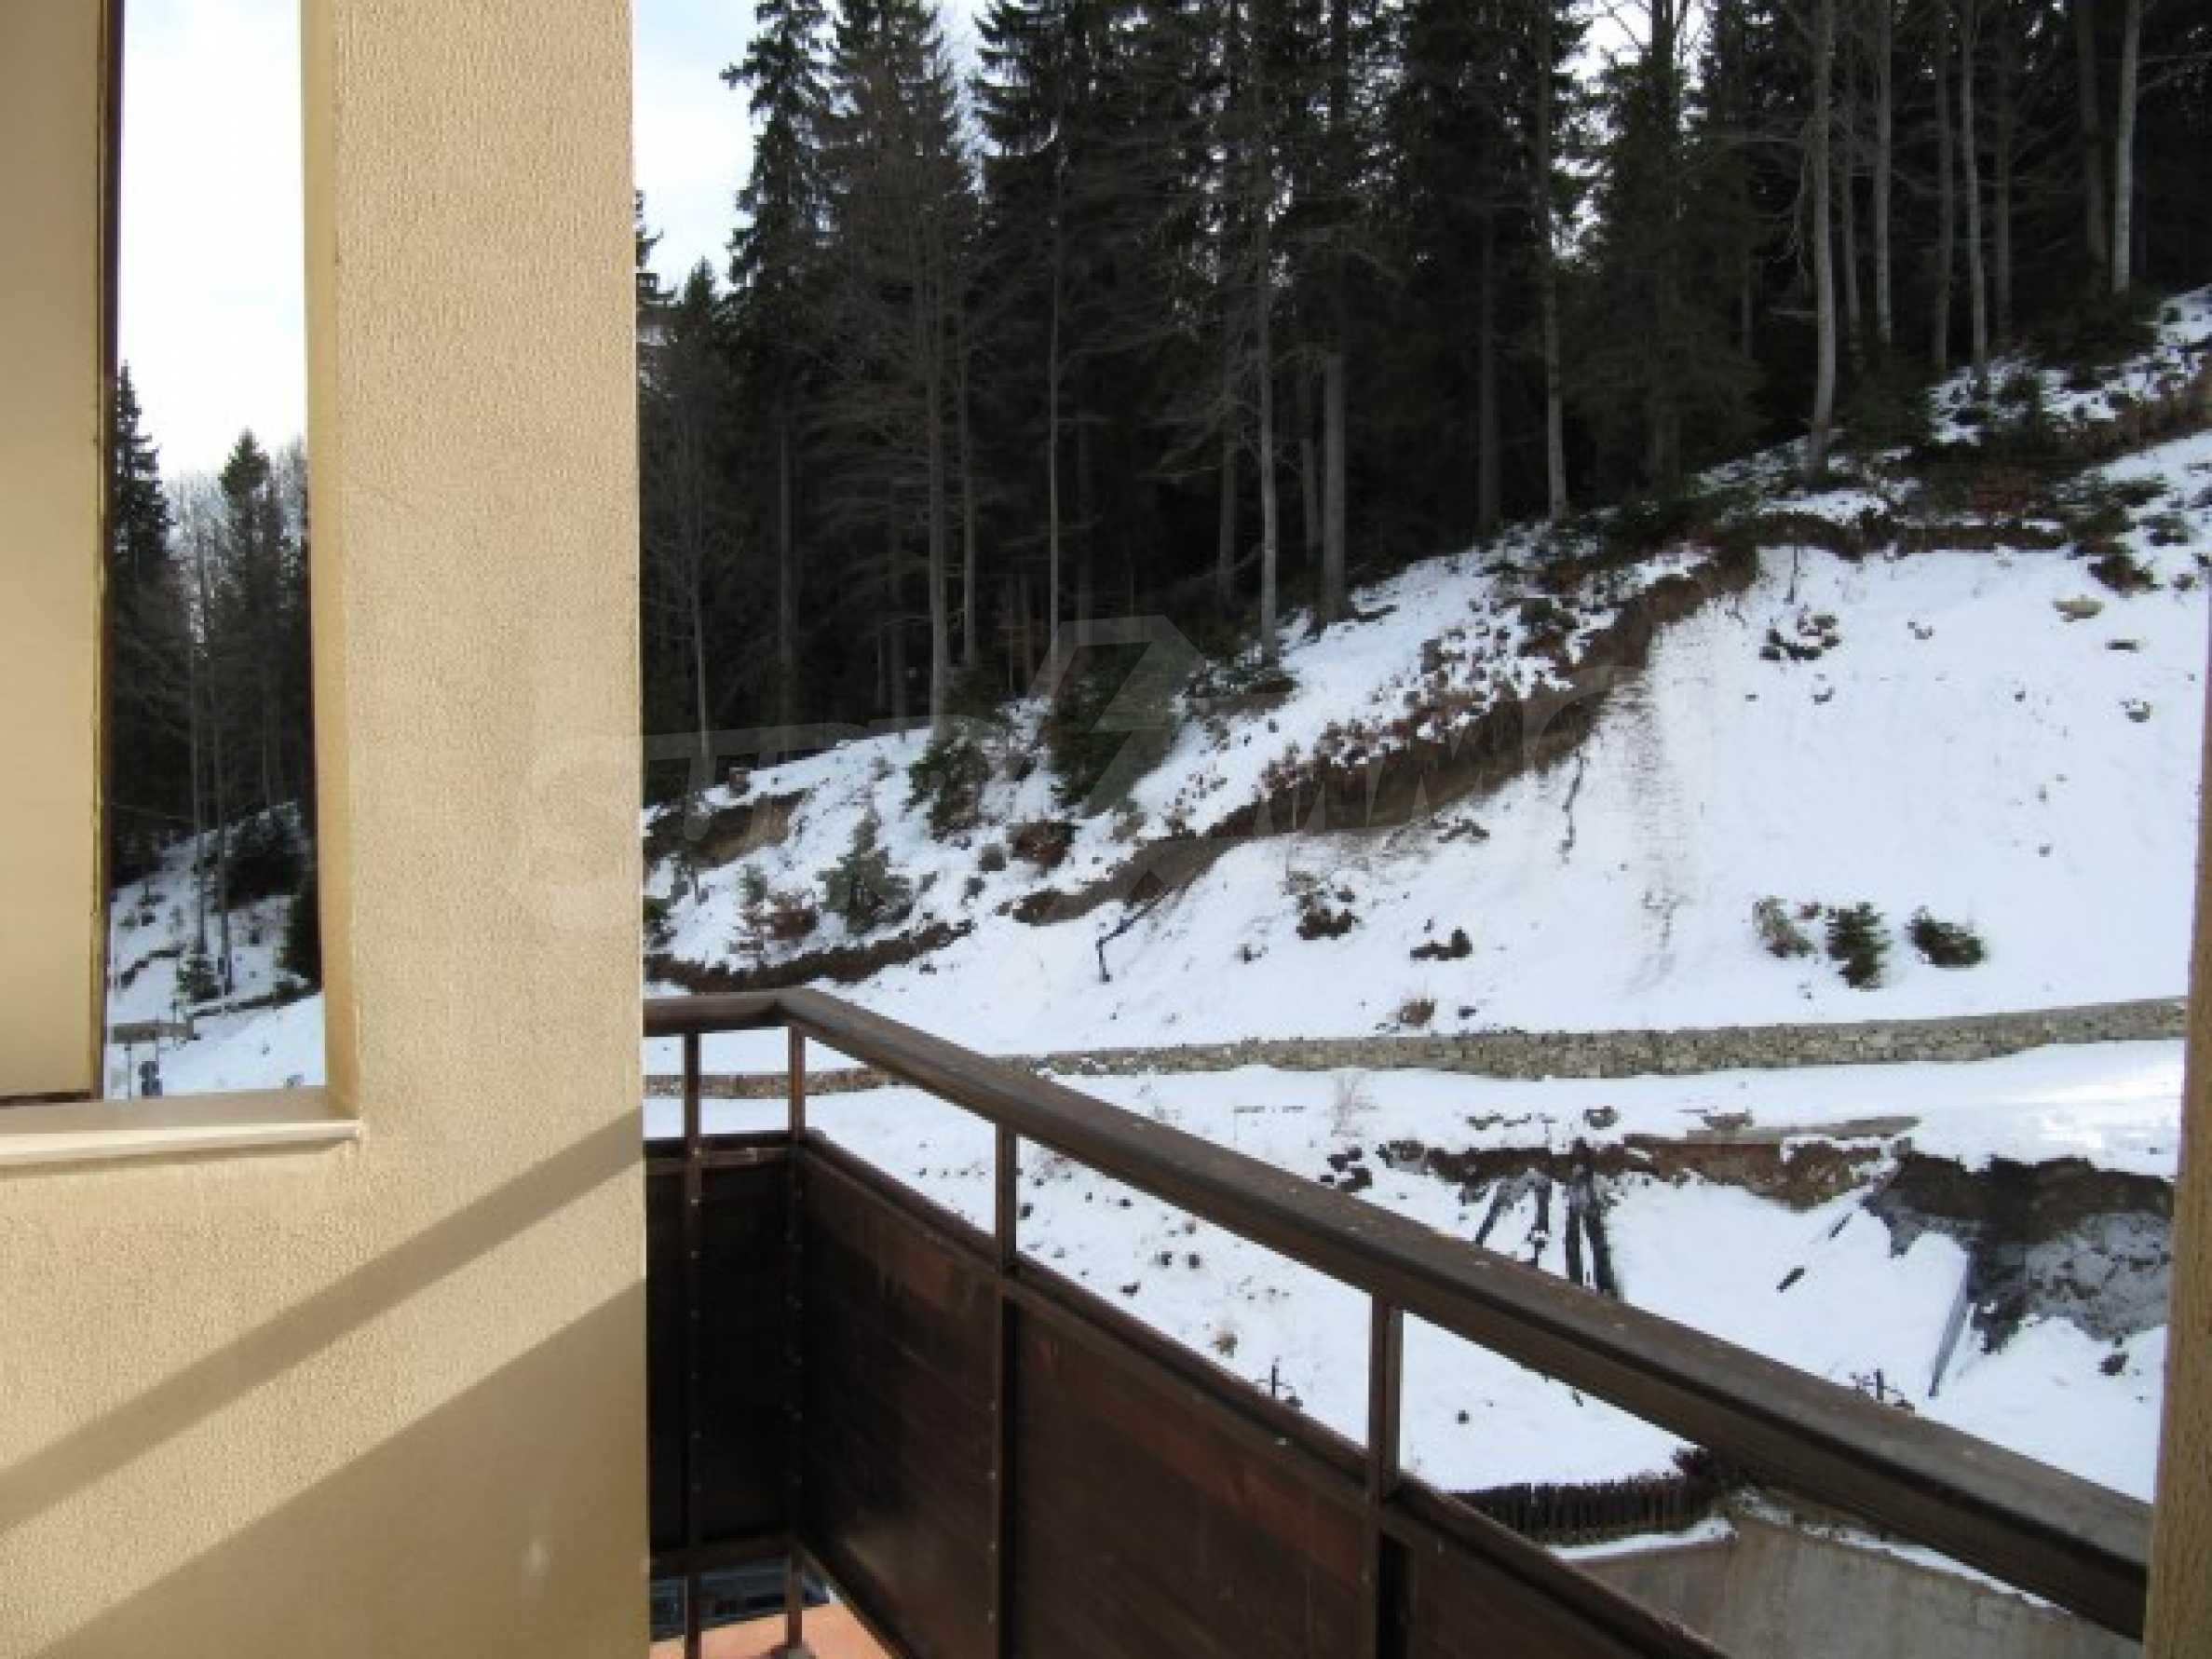 Трехкомнатная квартира на продажу в горнолыжном курорте Пампорово 17